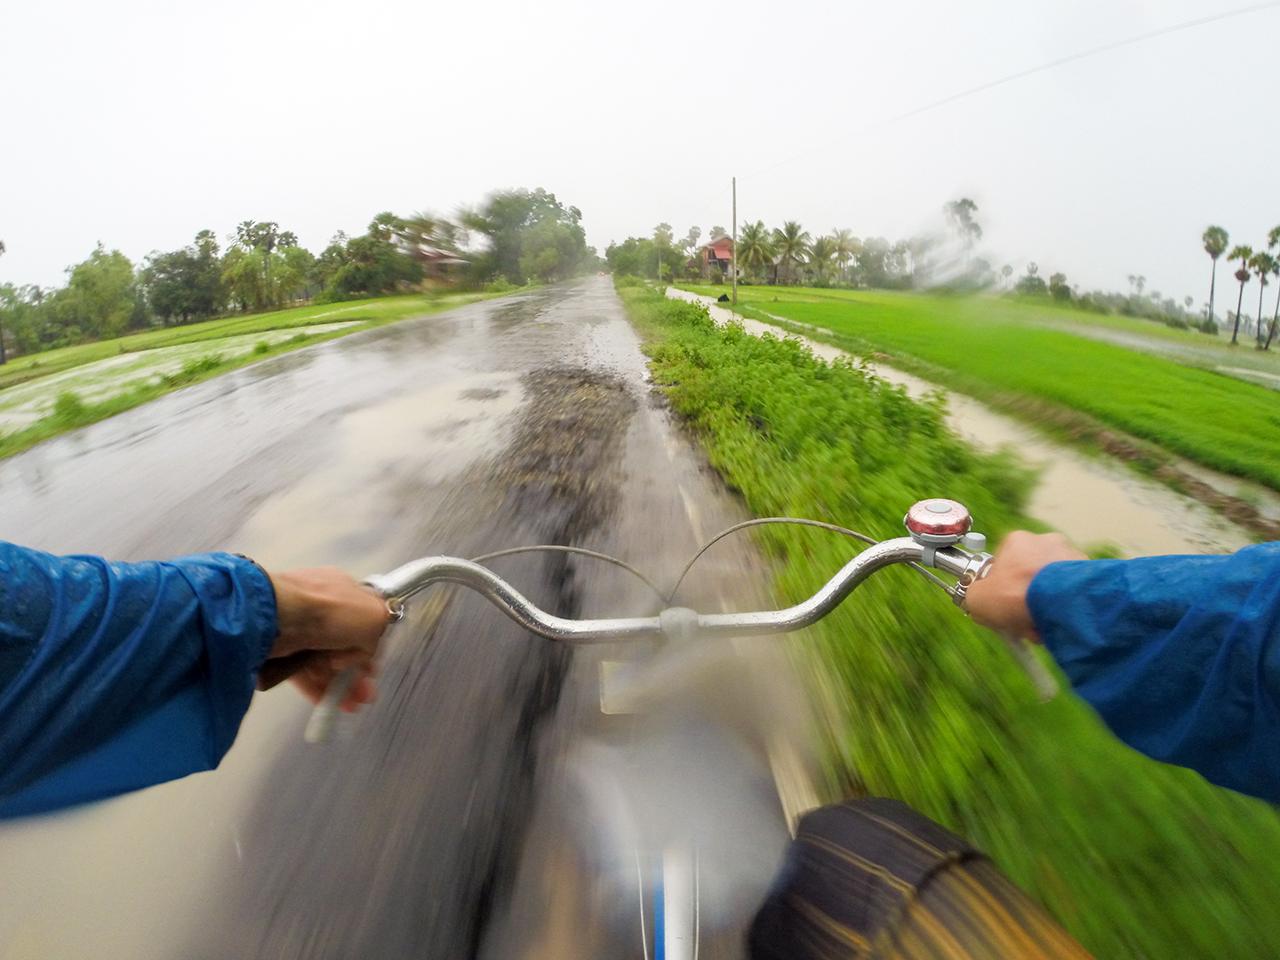 Как сэкономить в путешествии: На велосипеде в Камбодже